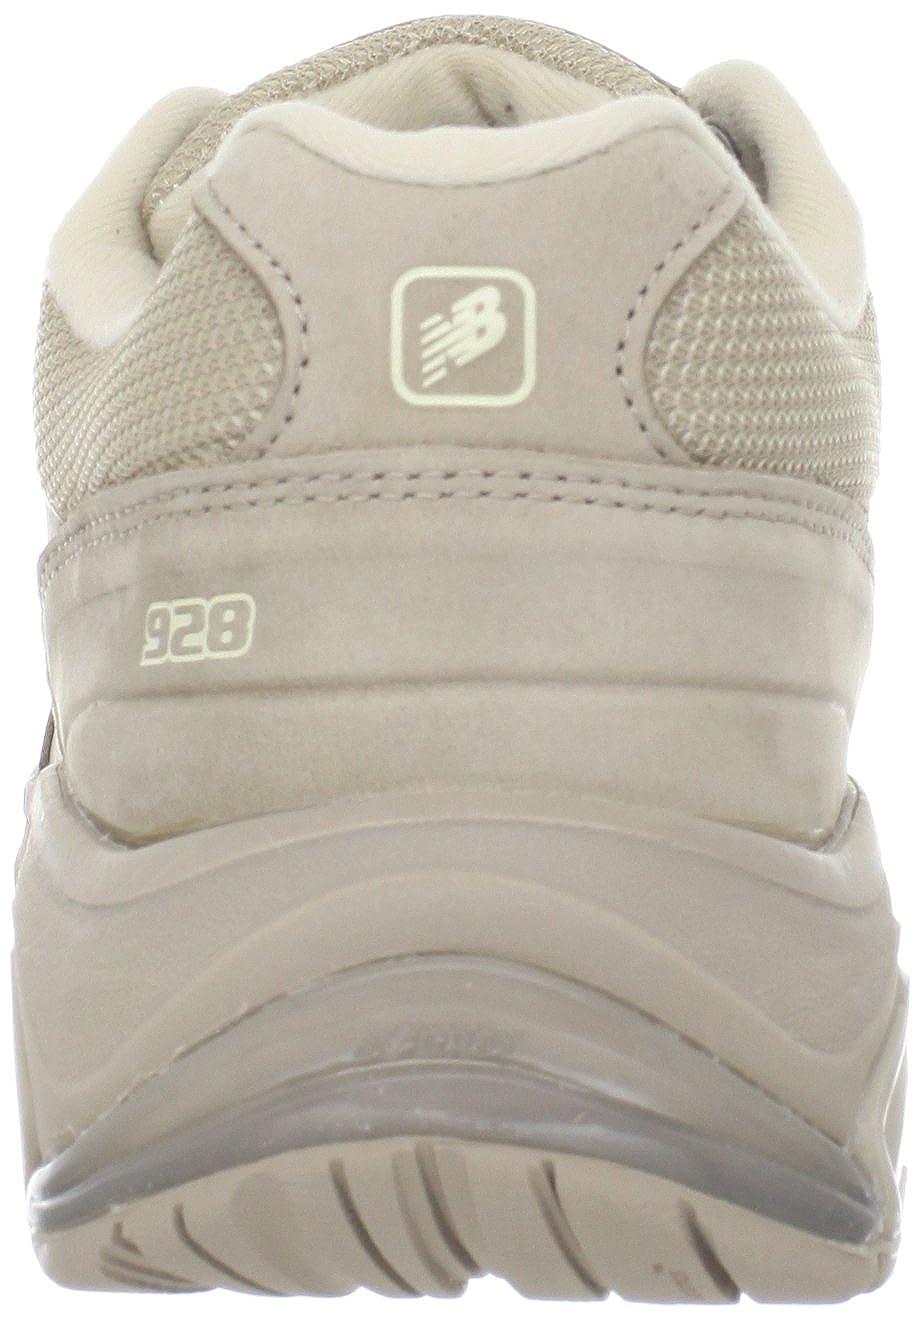 New Balance WW928 Damen Rund Leder Wanderschuhe Wanderschuhe Wanderschuhe Größe Neu 645b9c